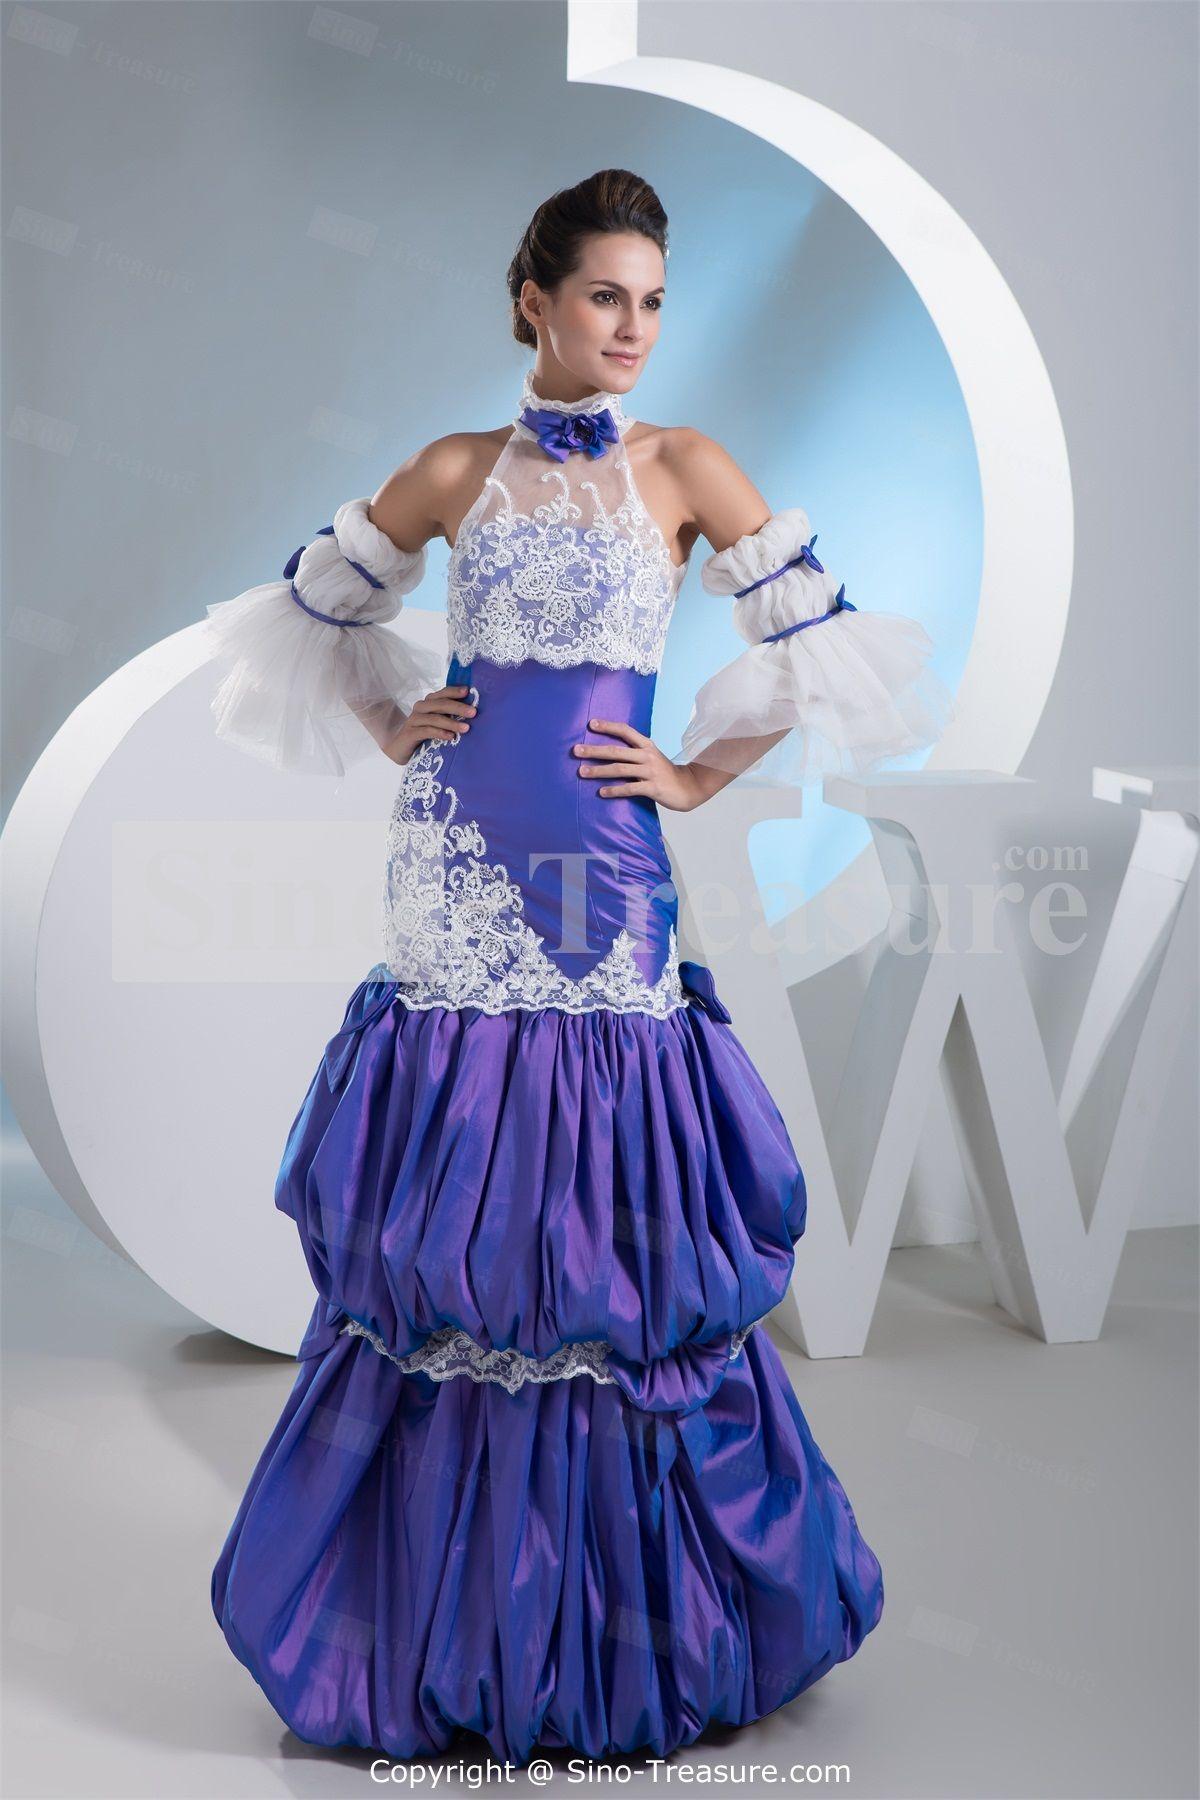 Lujoso Vestidos De Fiesta Horribles Ideas - Colección del Vestido de ...